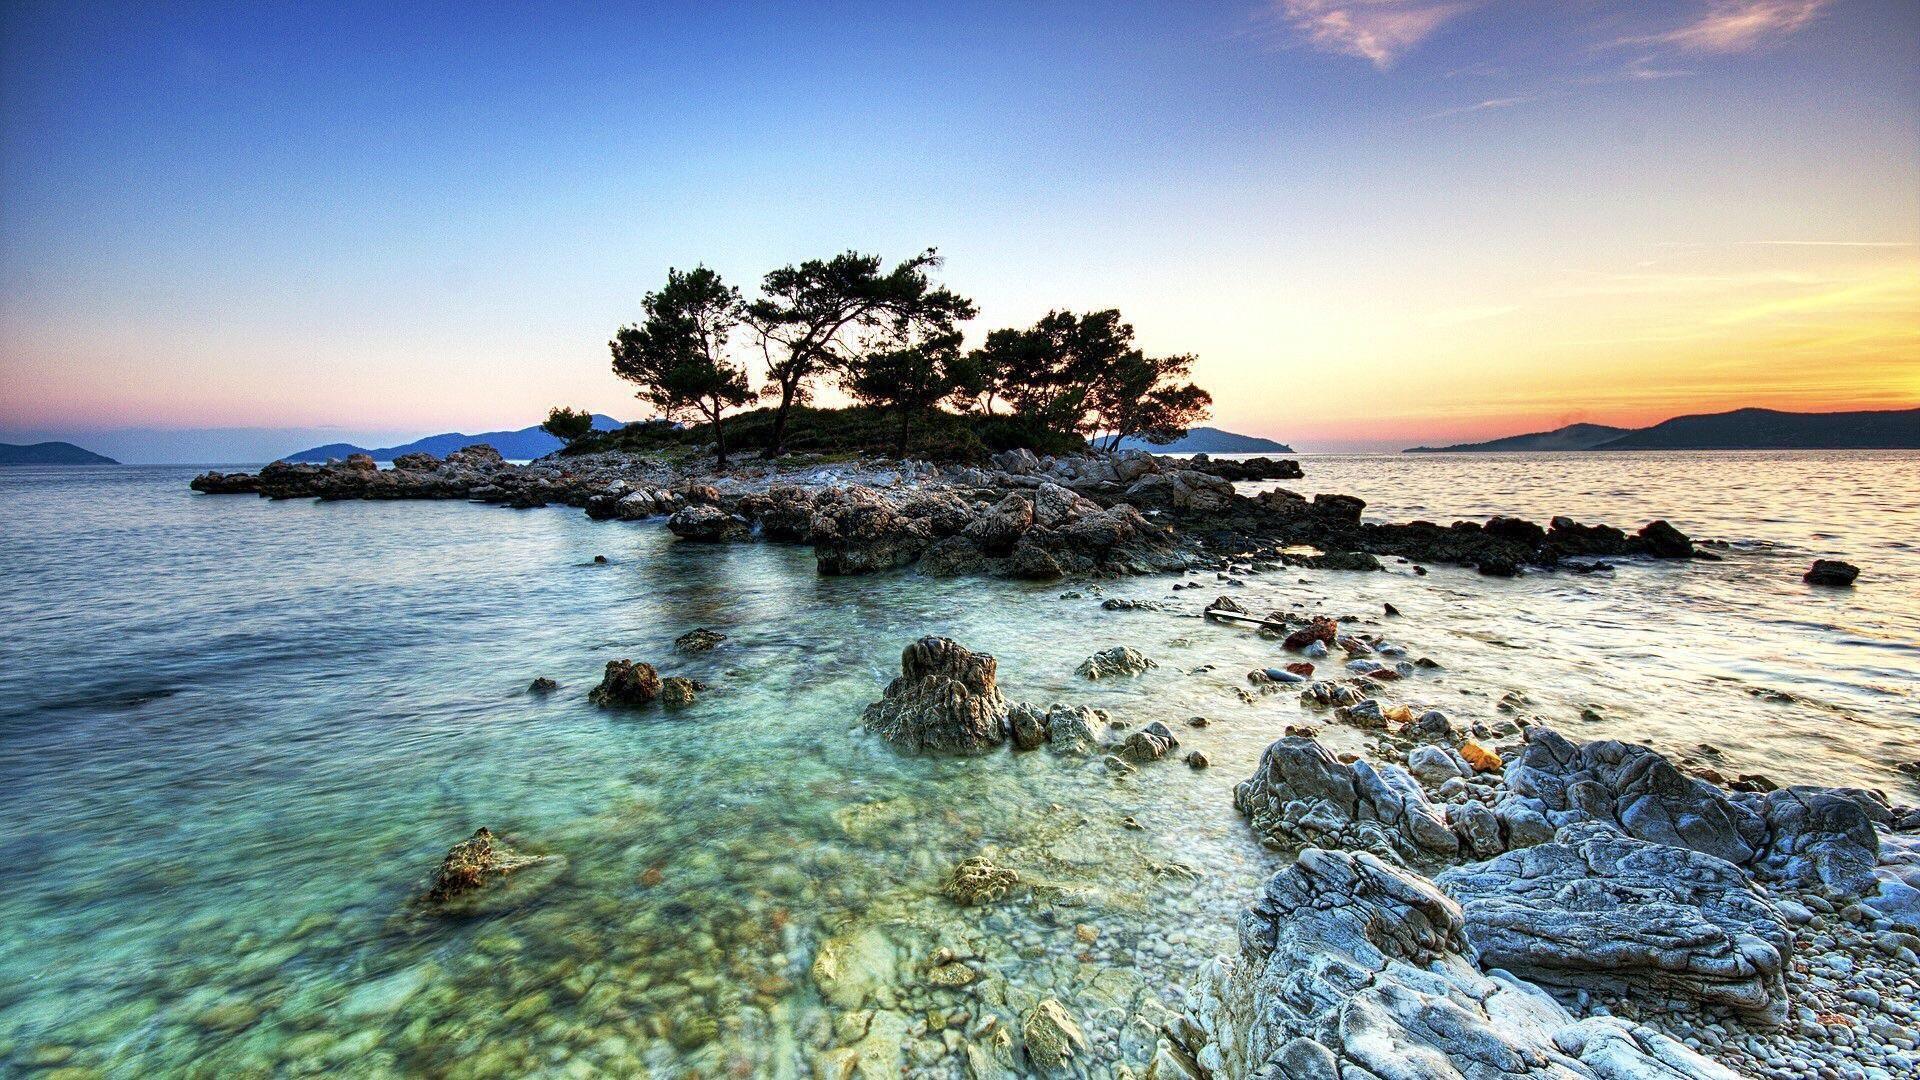 Remote Brunei Is Overwhelmingly Stunning 2040x1120 Oc Http Ift Tt 2bbkn4f Island Wallpaper Beach Landscape Island